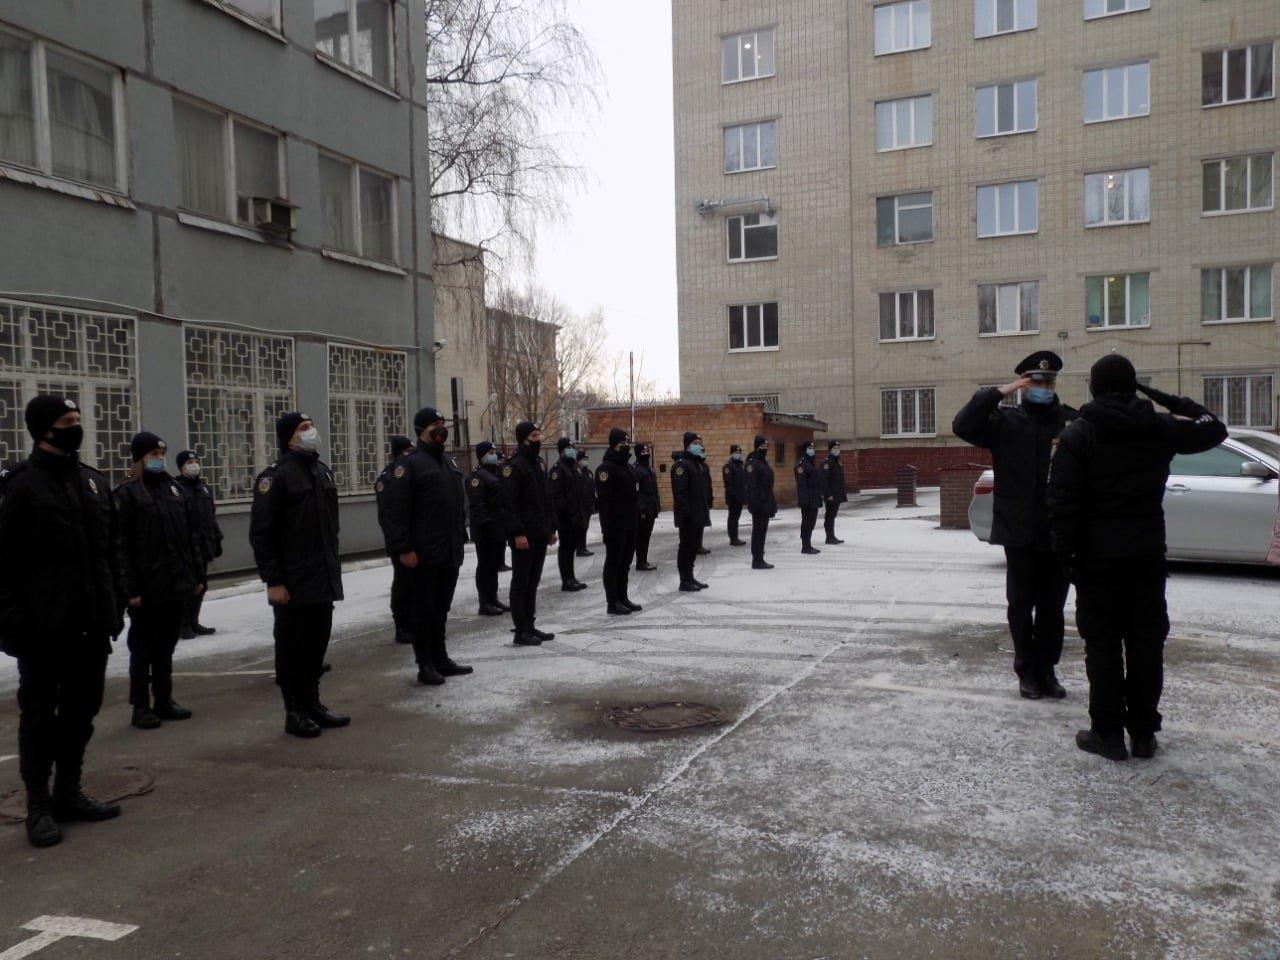 Курсанти університету внутрішніх справ приступили до проходження практики в підрозділах поліції Сумщини , фото-1